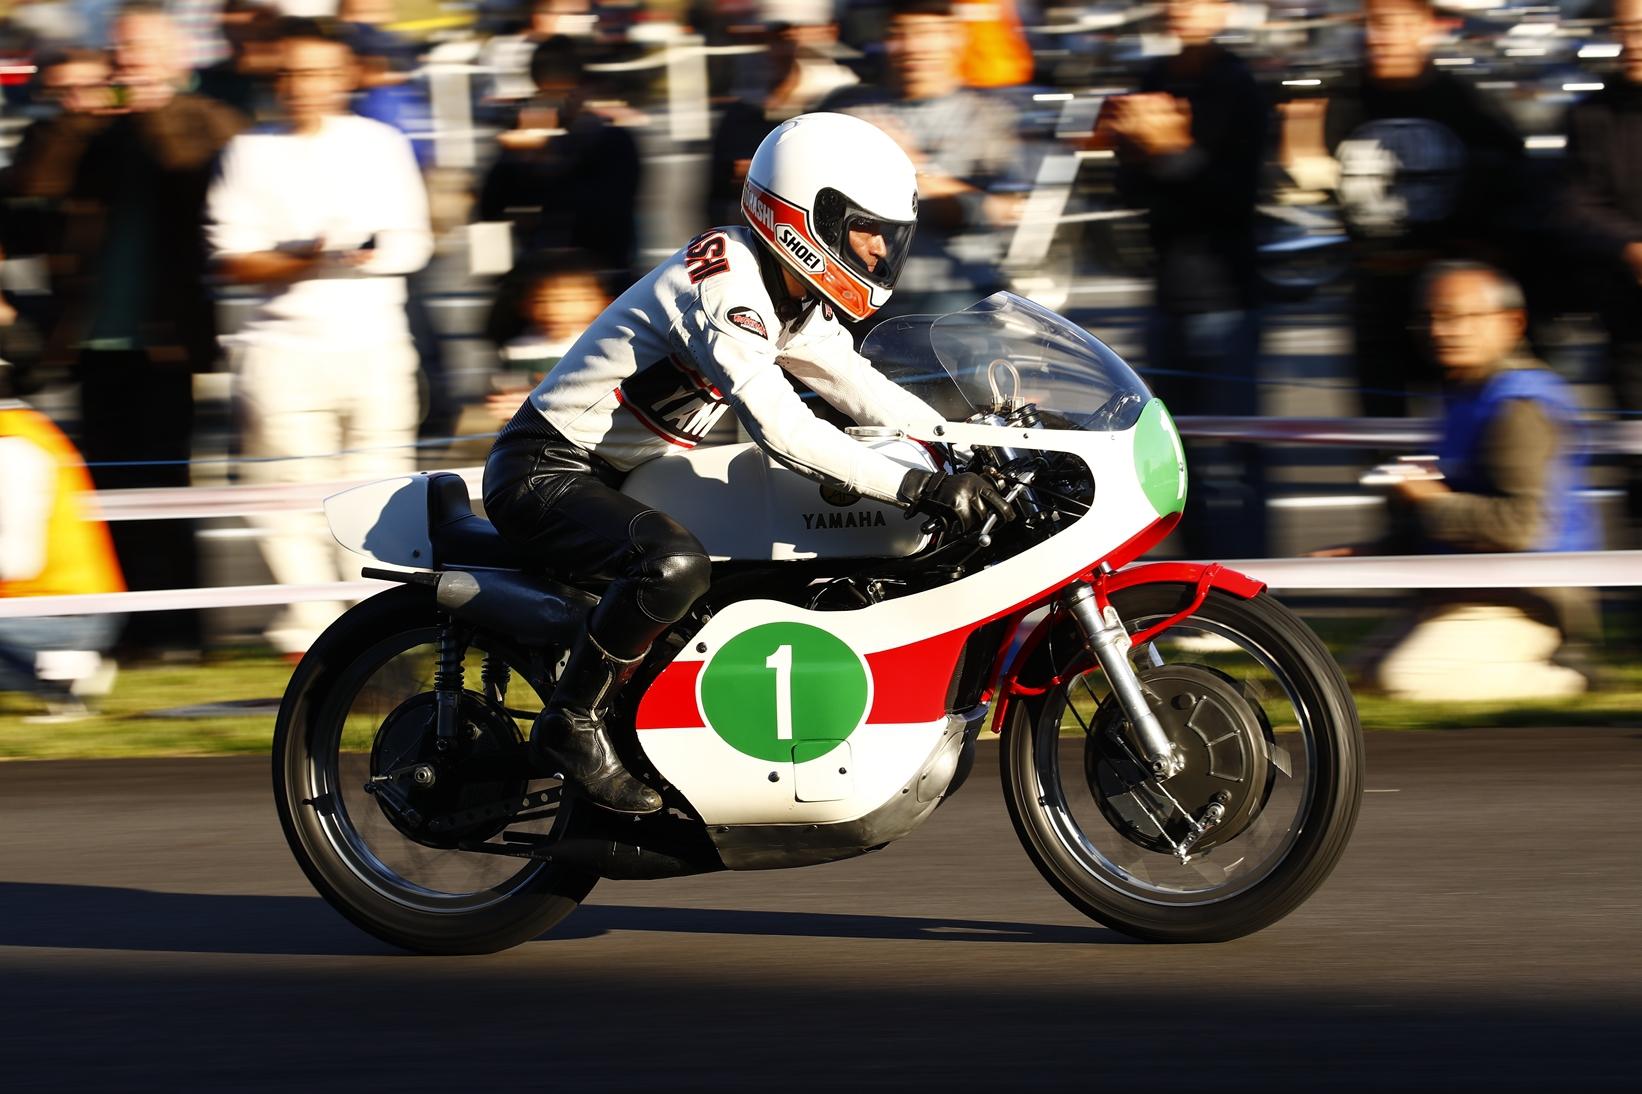 先着順! 歴史車輛デモ走行見学会2018 #ヤマハバイク の歴史を目撃せよ!